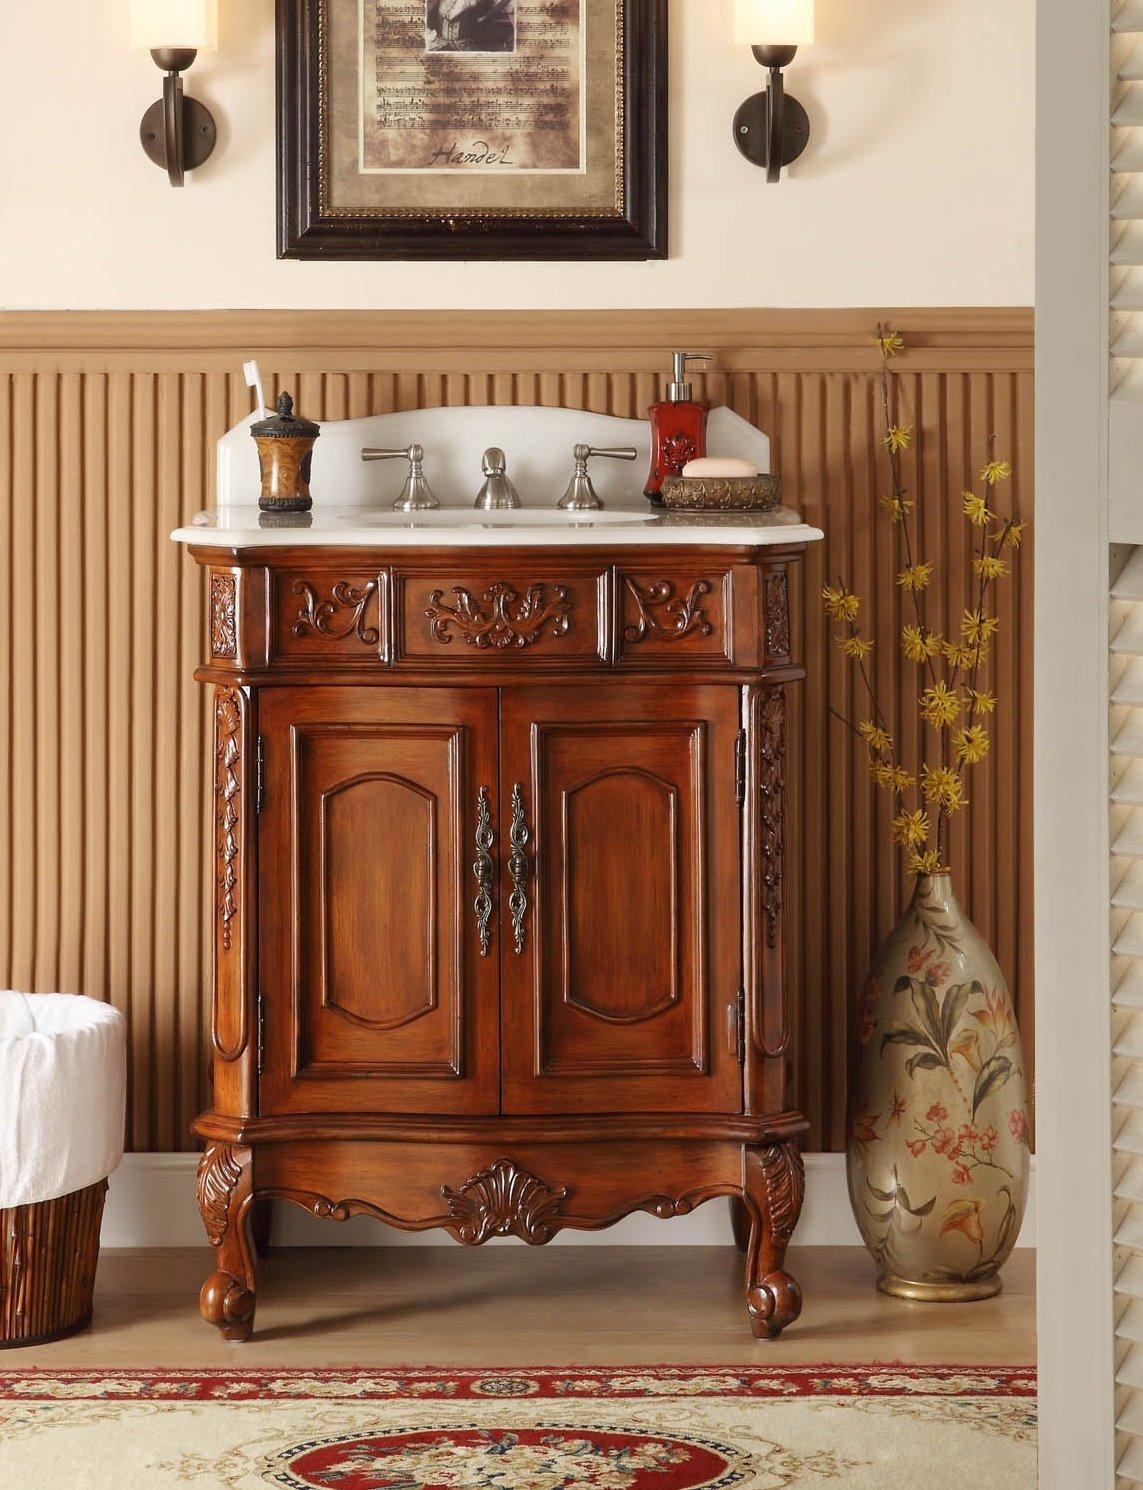 Antique Bathroom Vanities: High Chic, Low Cost ...